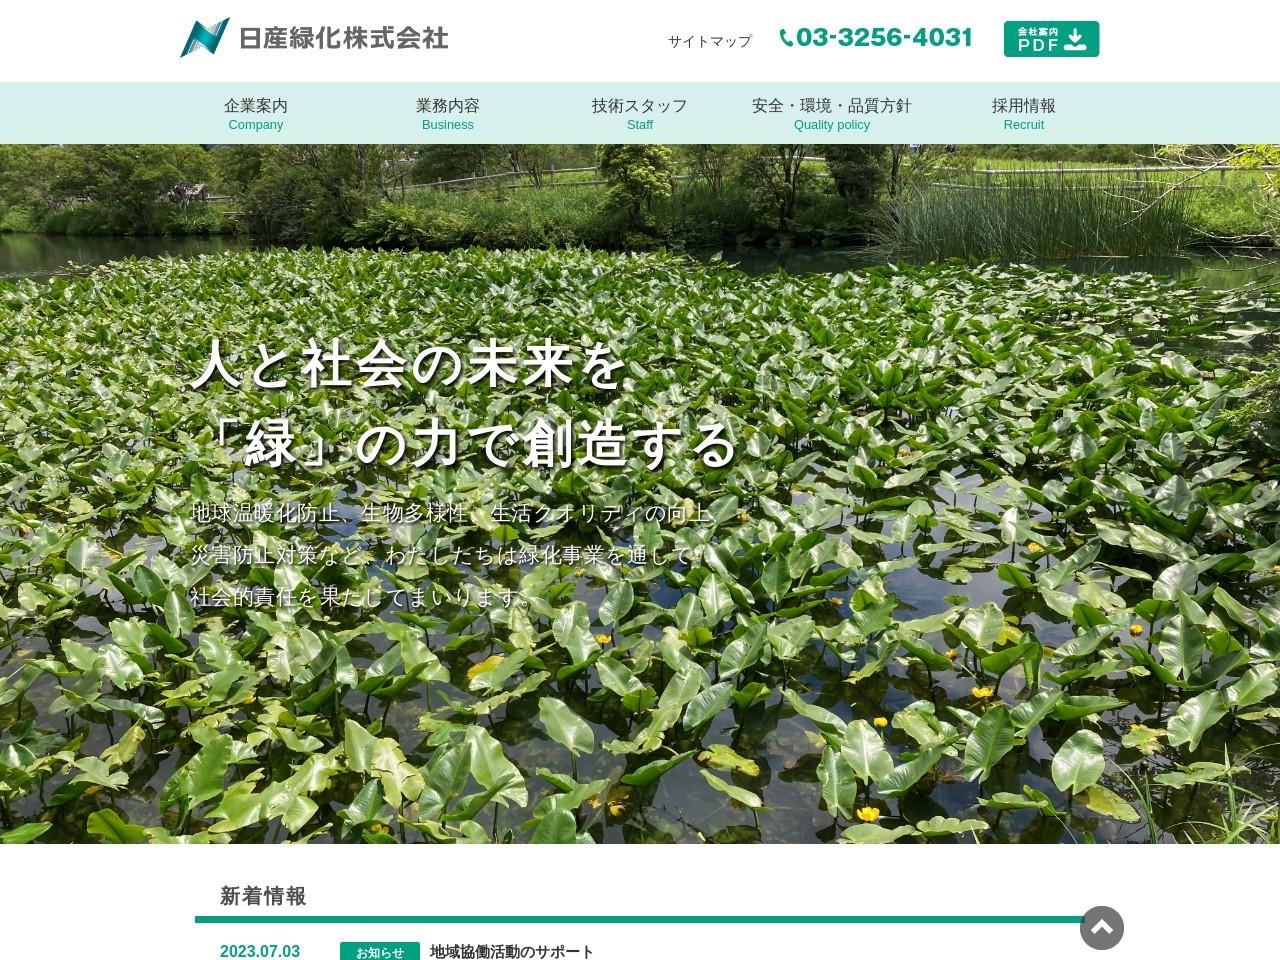 日産緑化株式会社名古屋支店